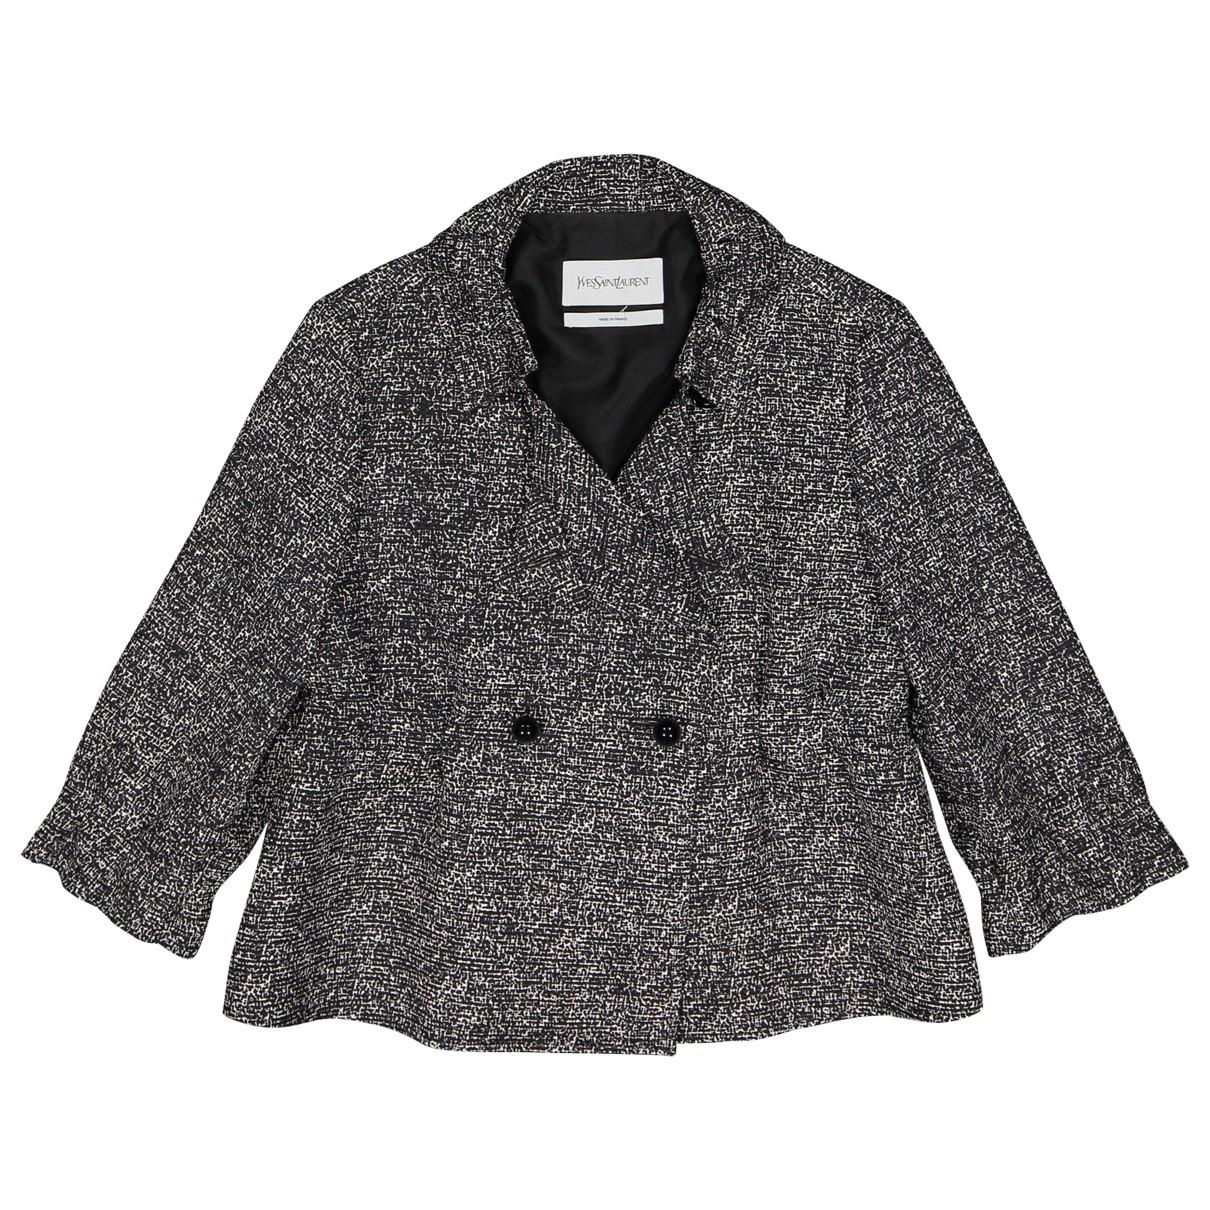 Yves Saint Laurent \N Black Silk jacket for Women 36 FR